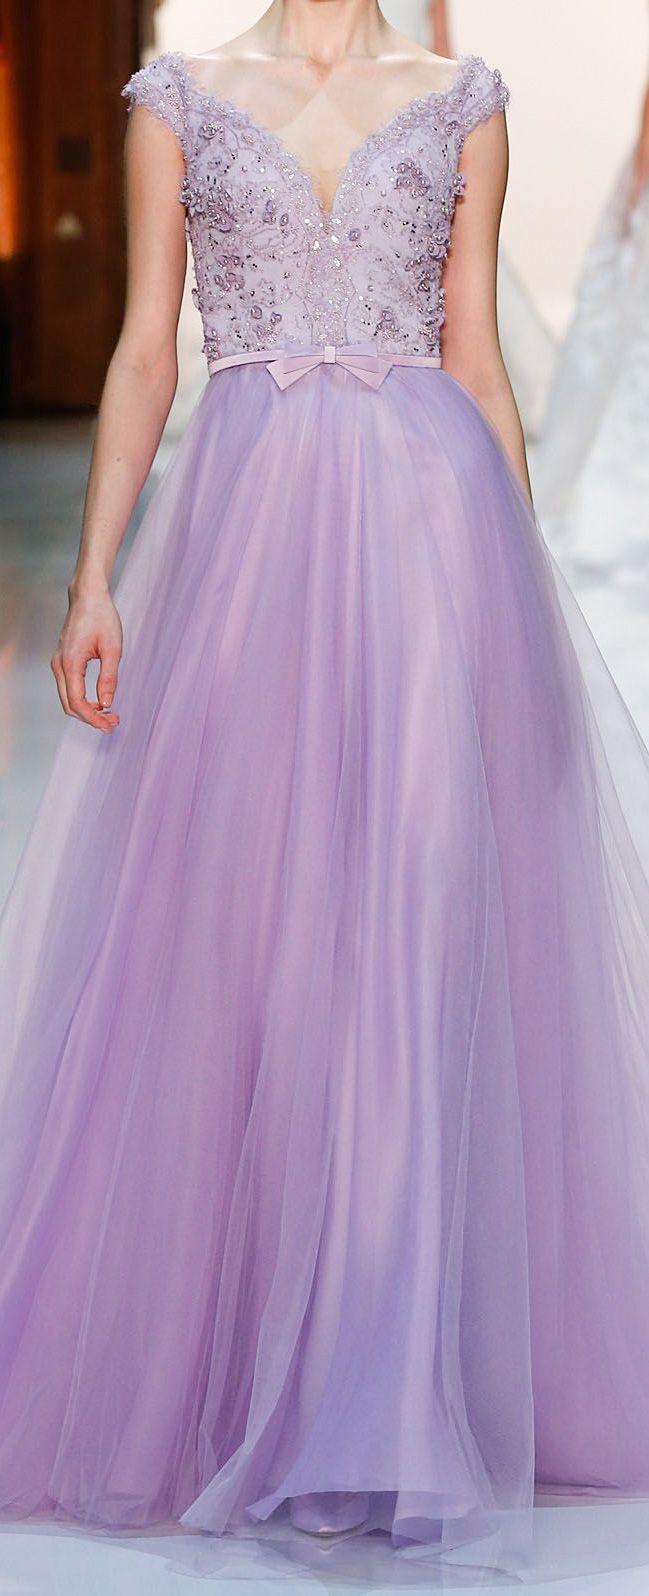 Georges Hobeika - Gorgeous Gown